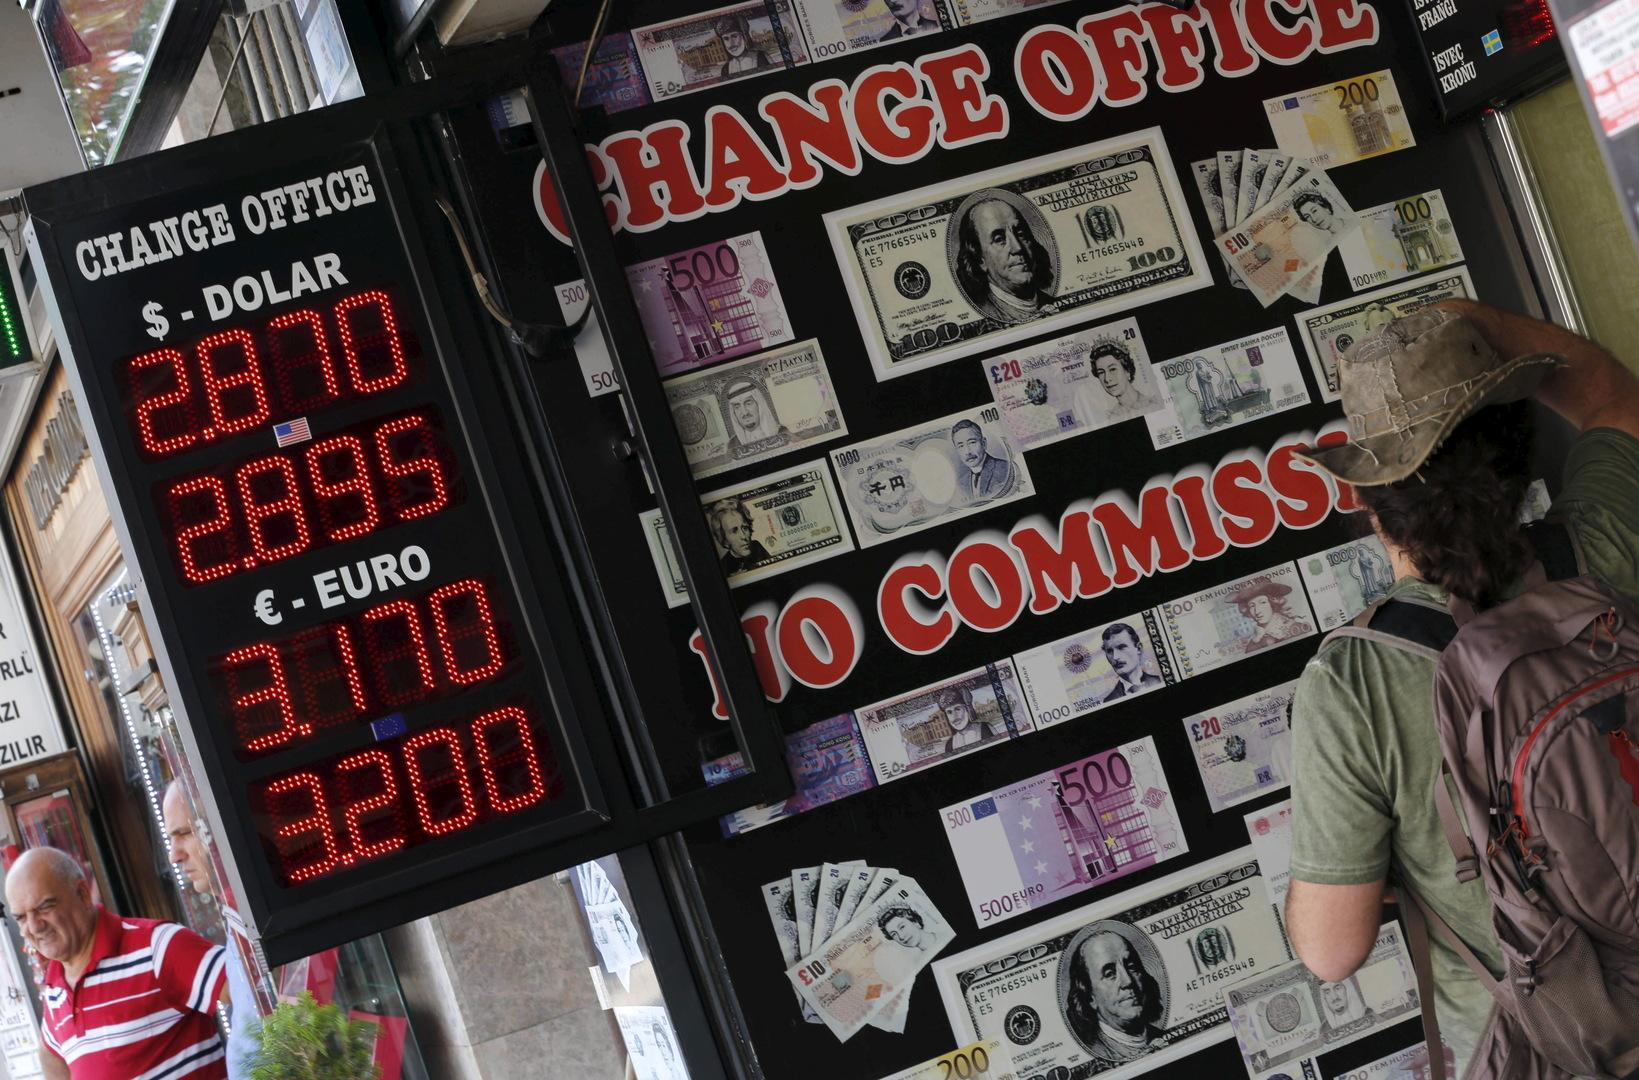 رجل يتفقد أسعار صرف العملات في مكتب صرافة في اسطنبول، تركيا، صورة تعبيرية